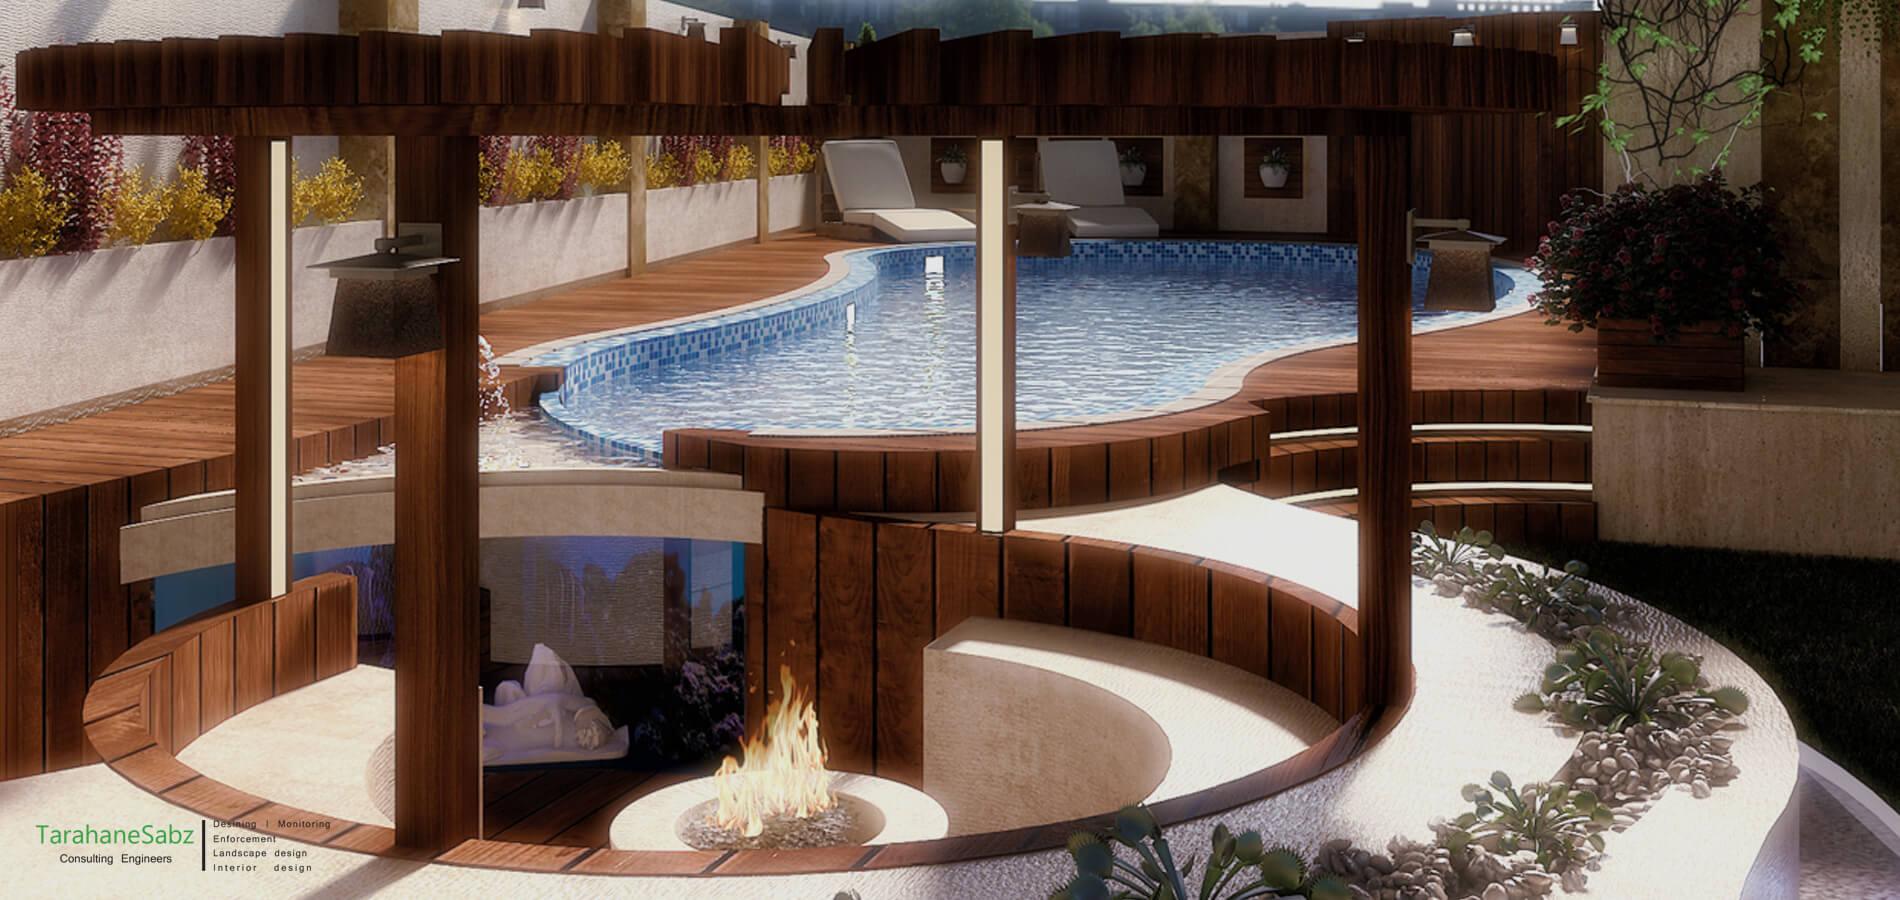 طراحی باغ - محوطه سازی - طراحان سبز